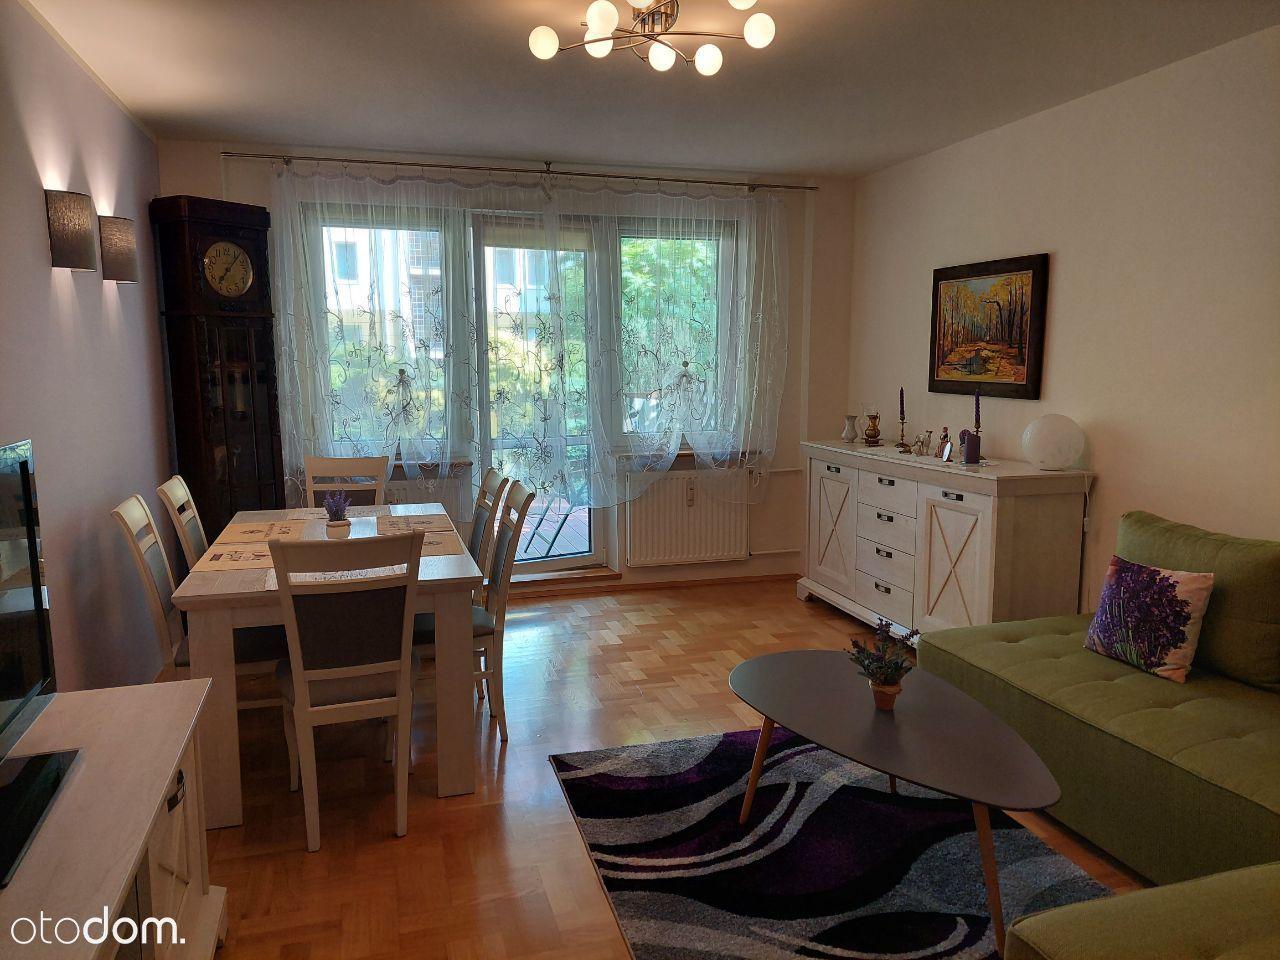 Mieszkanie do wynajęcia z tarasem i ogrodem